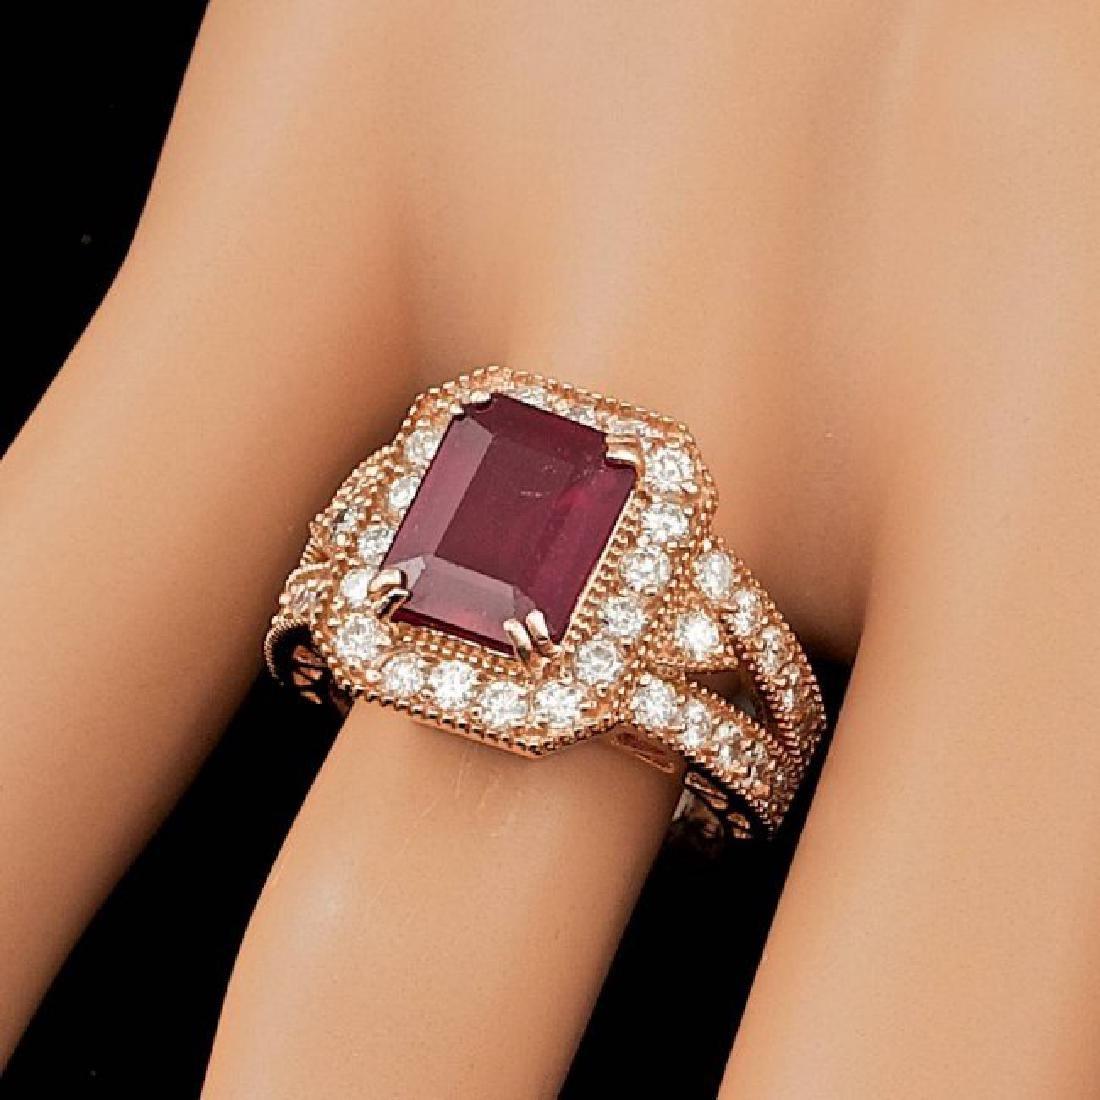 14k Rose Gold 4.00ct Ruby 1.30ct Diamond Ring - 3